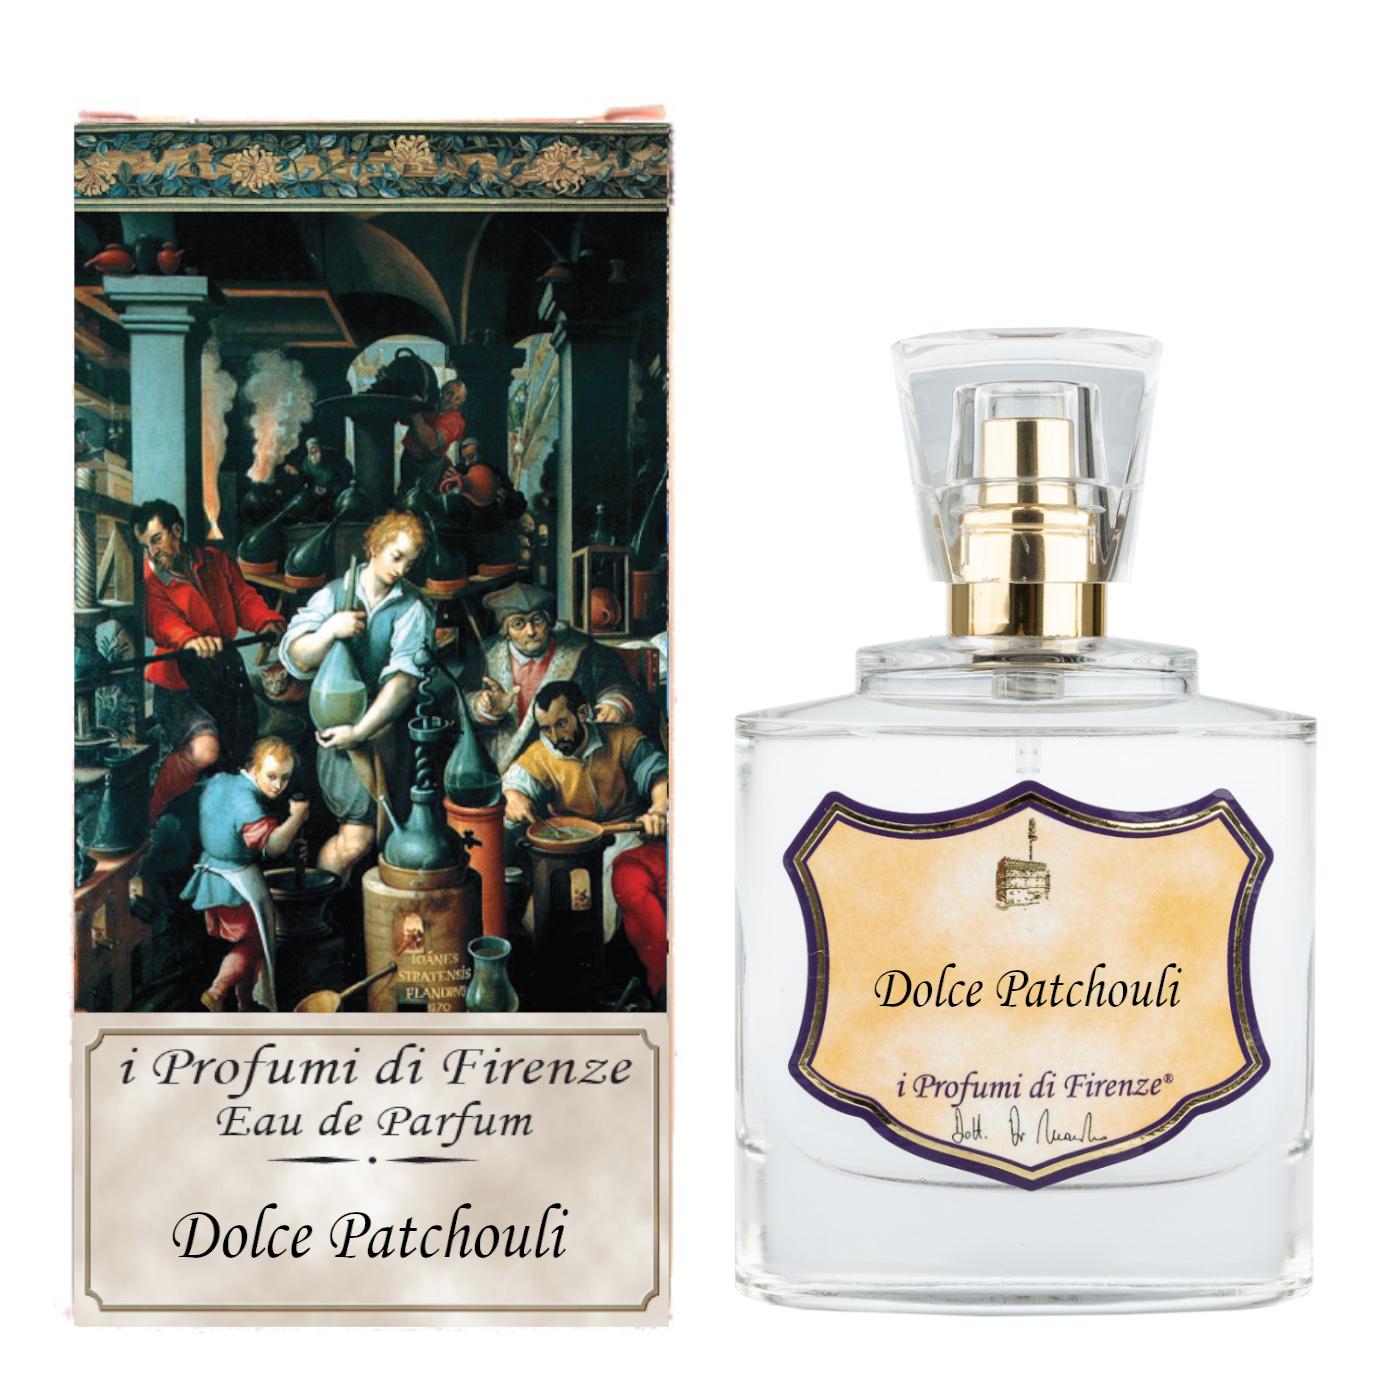 DOLCE PATCHOULI - Eau de Parfum-4049